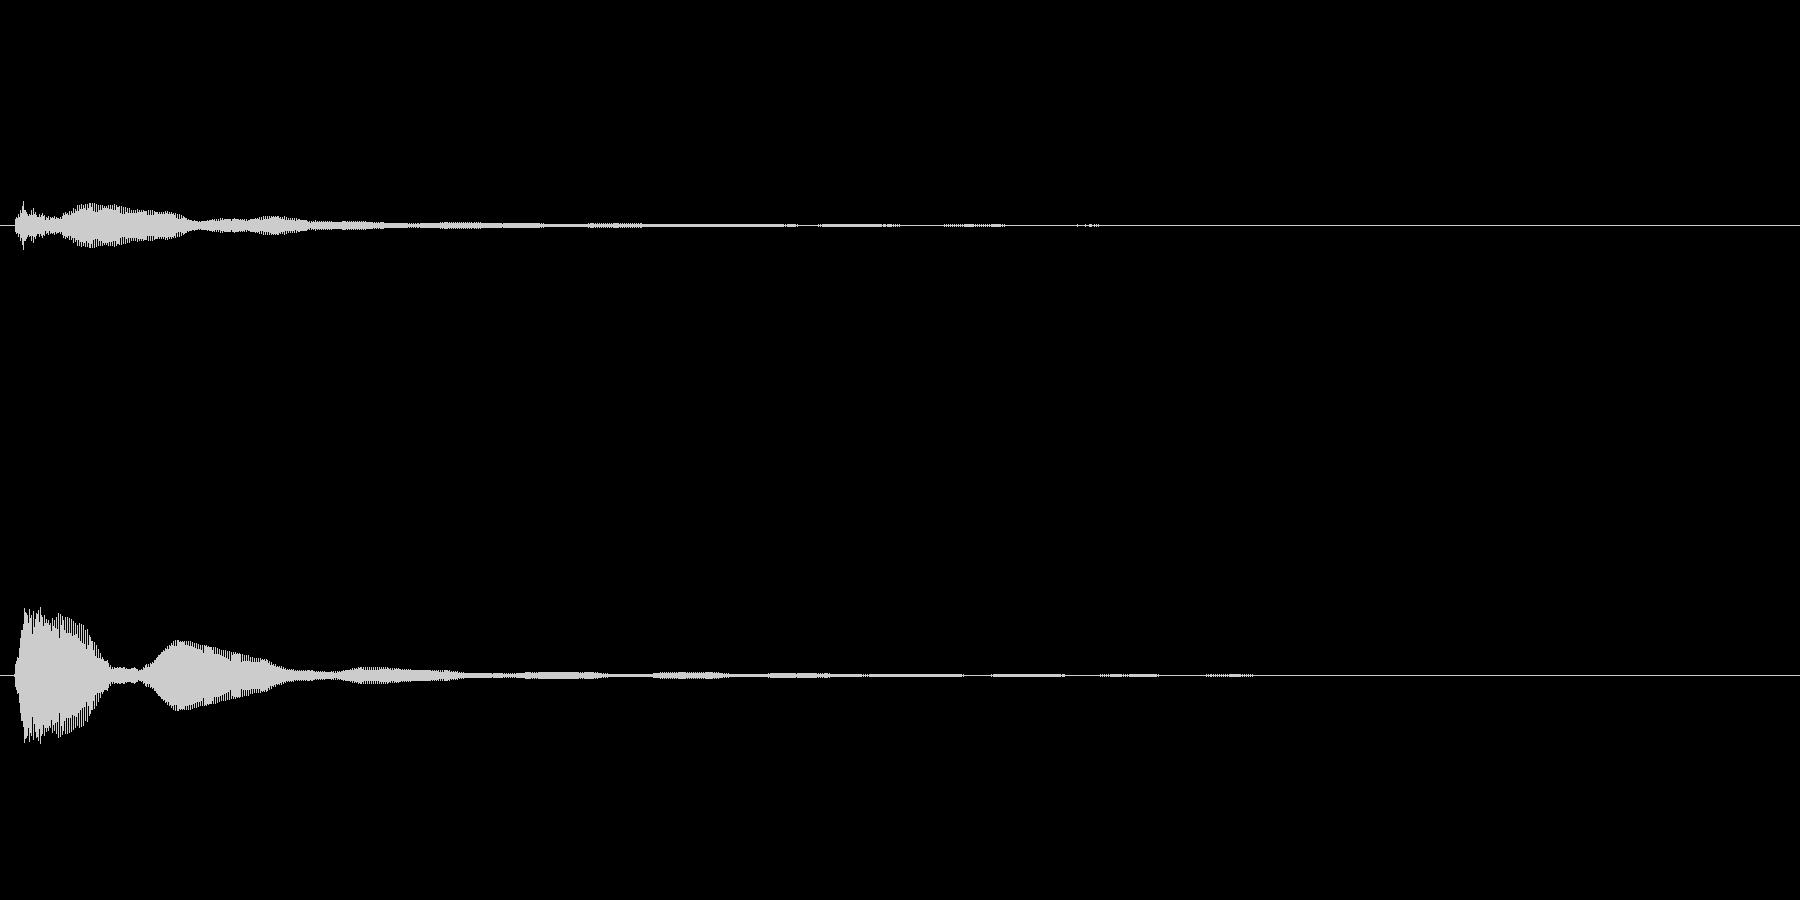 キラキラ系_054の未再生の波形